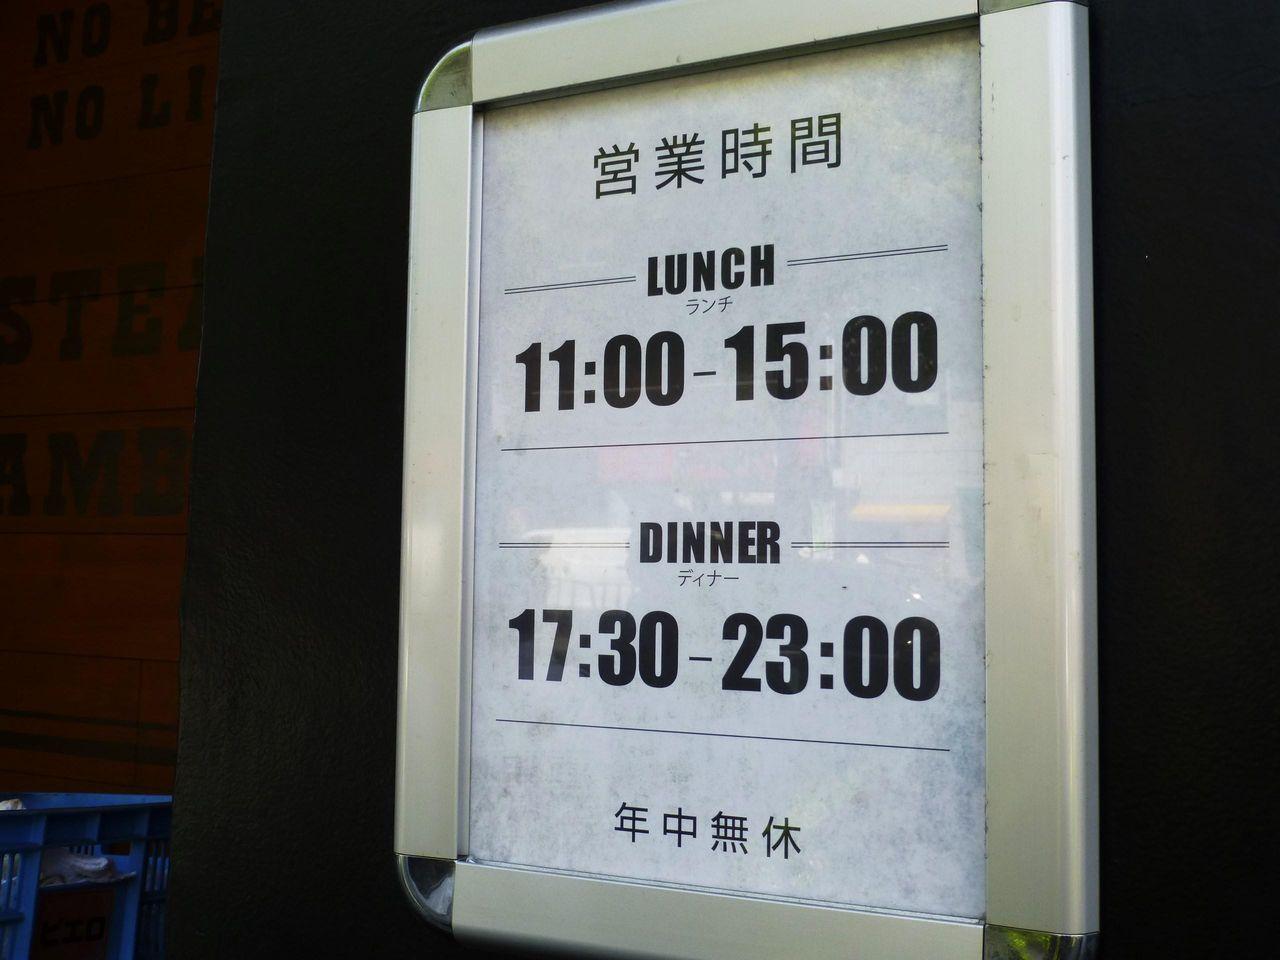 営業時間(26年6月現在)